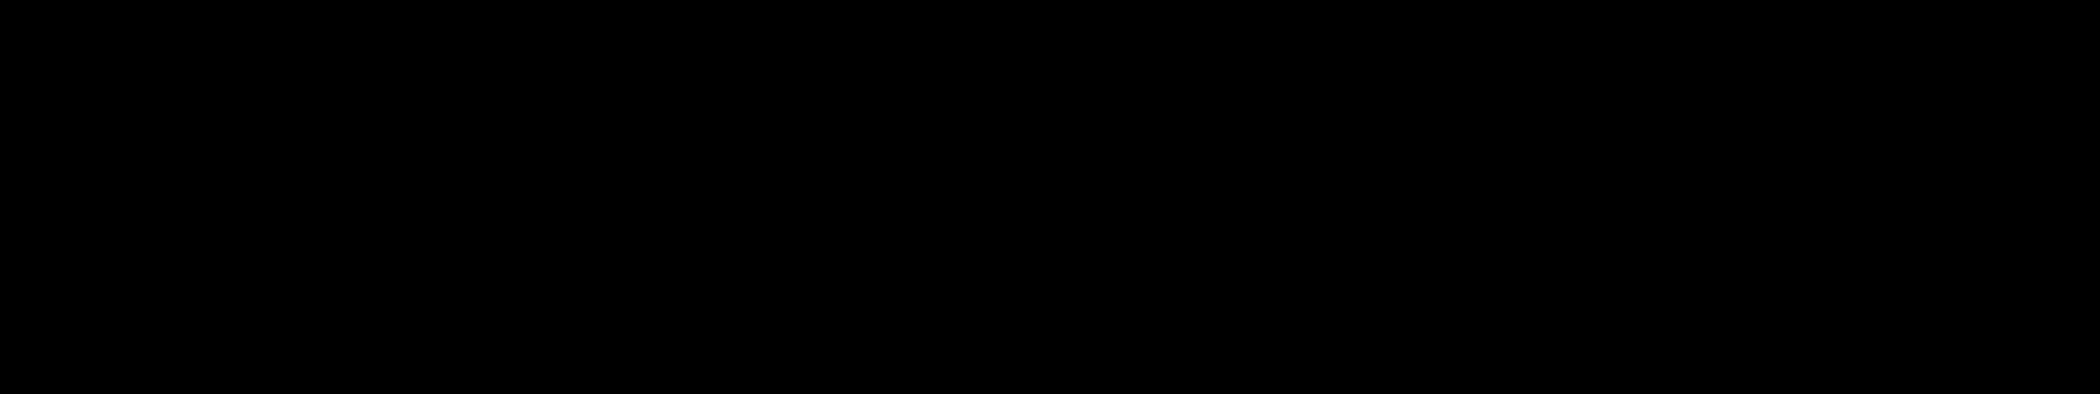 movado logo 1 - Movado Logo